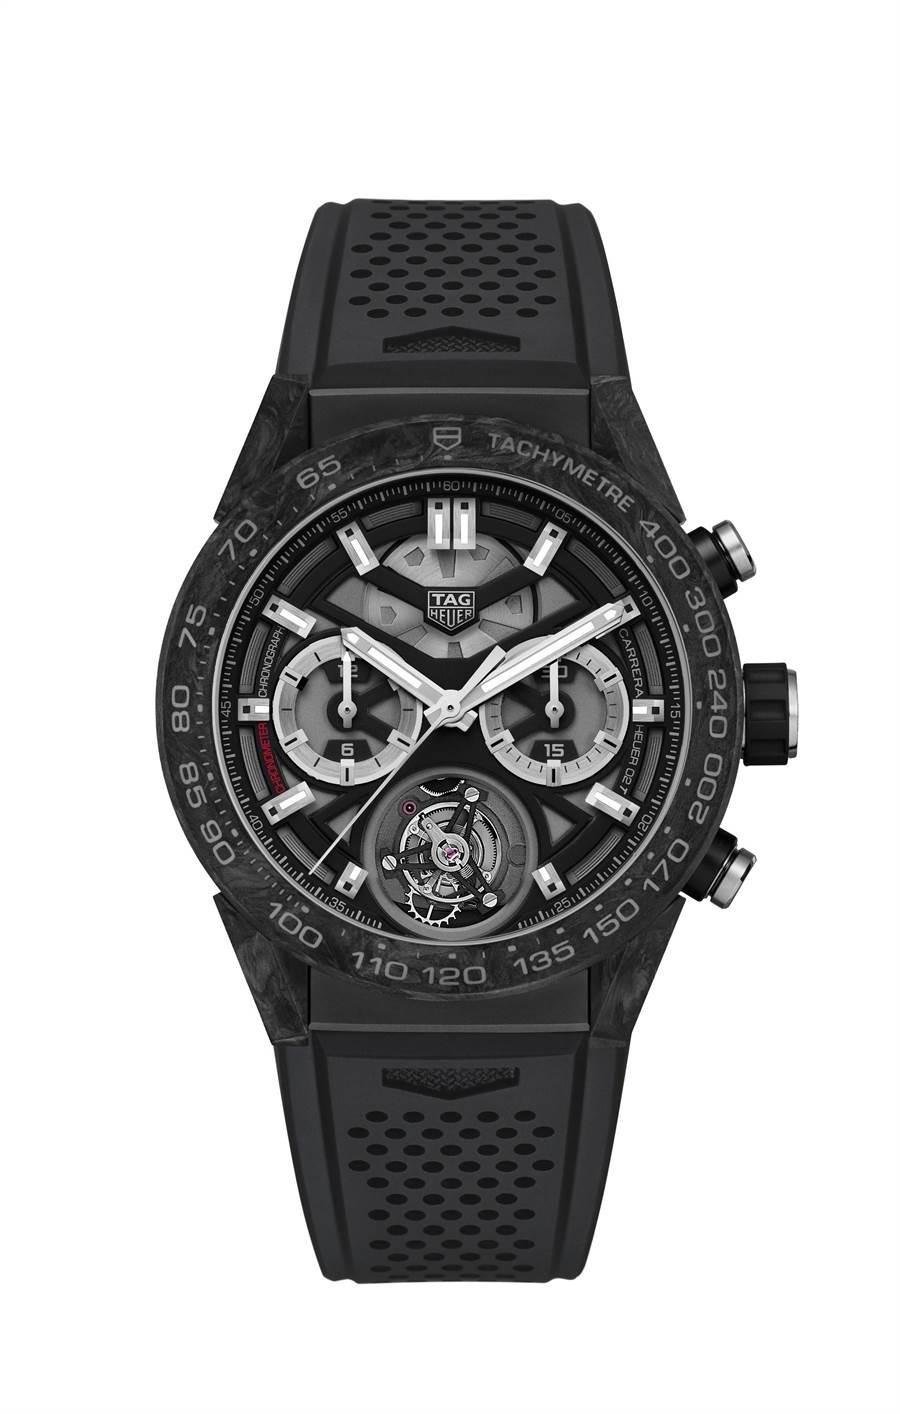 泰格豪雅Carrera Heuer-02T陀飛輪計時碼表,碳材質款式,58萬5500元。(TAG Heuer提供)